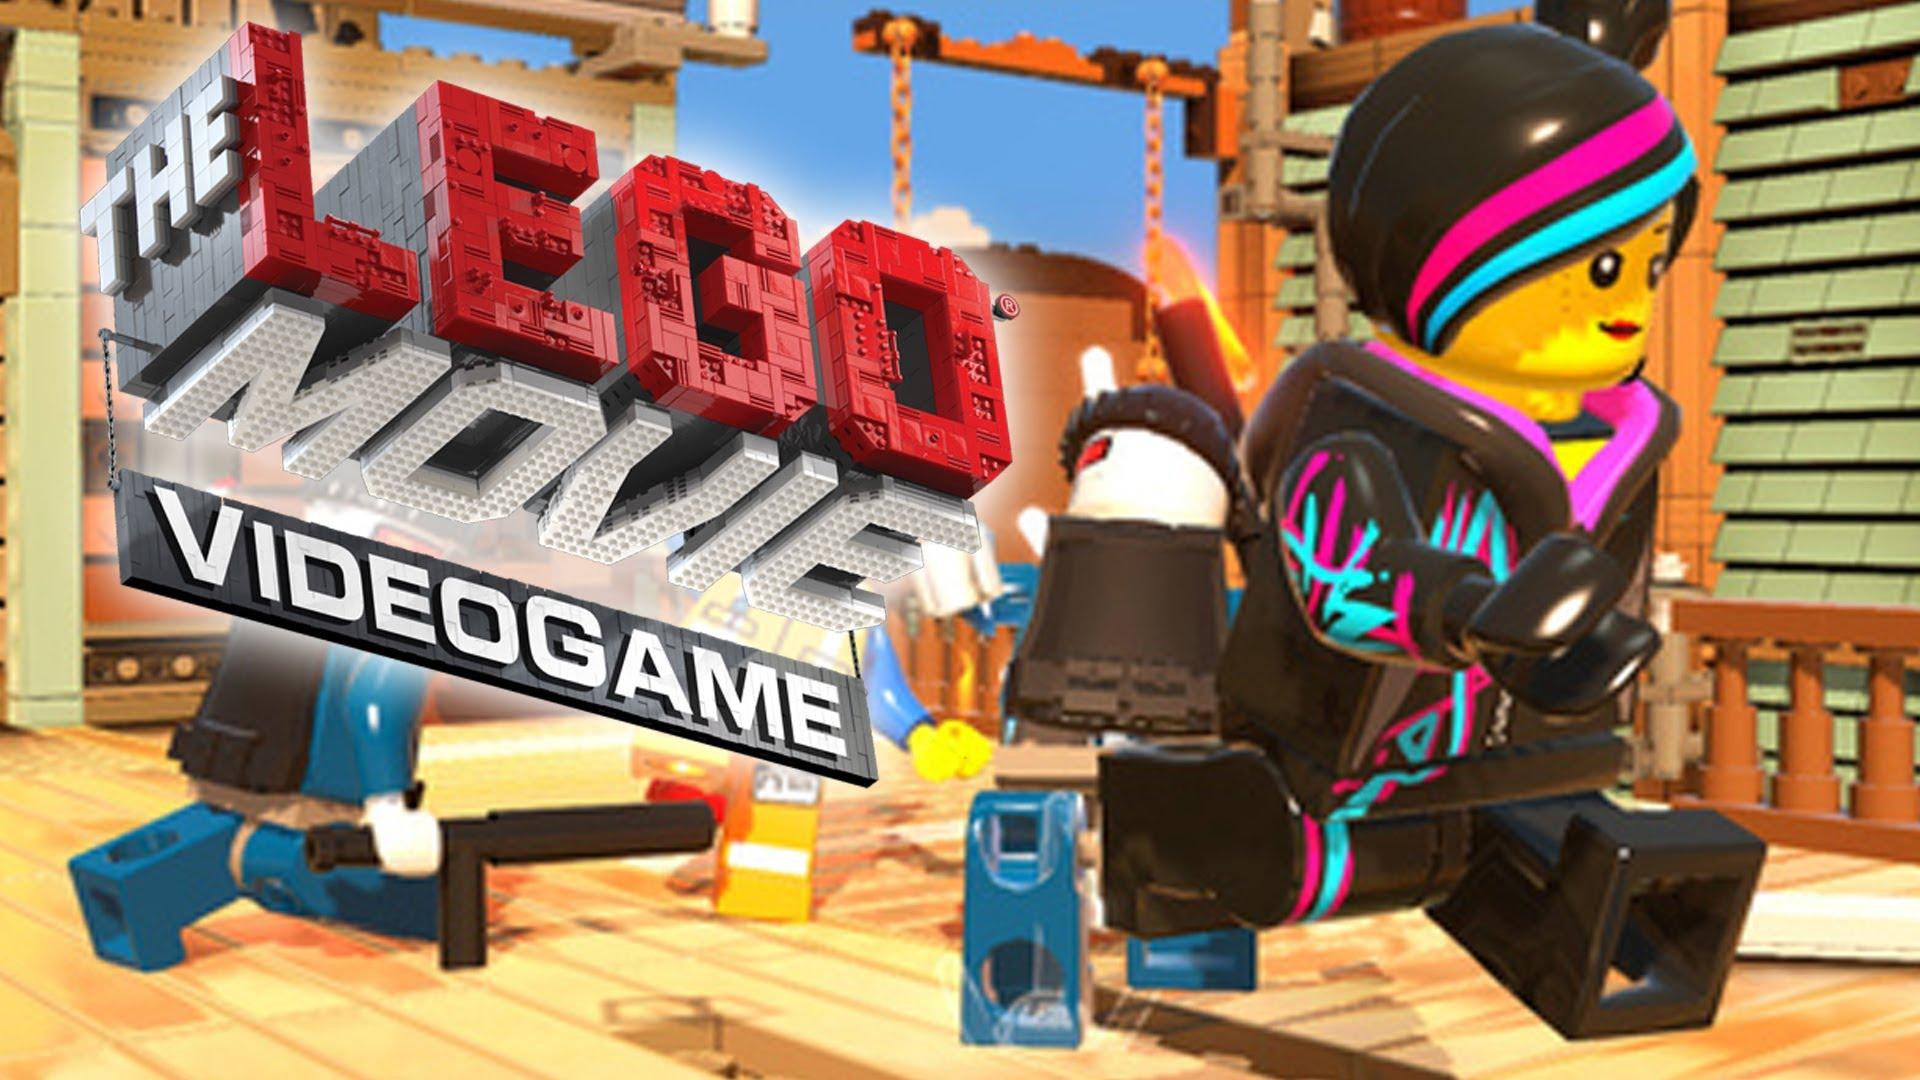 Игра Лего Фильм (The Lego Movie Videogame)